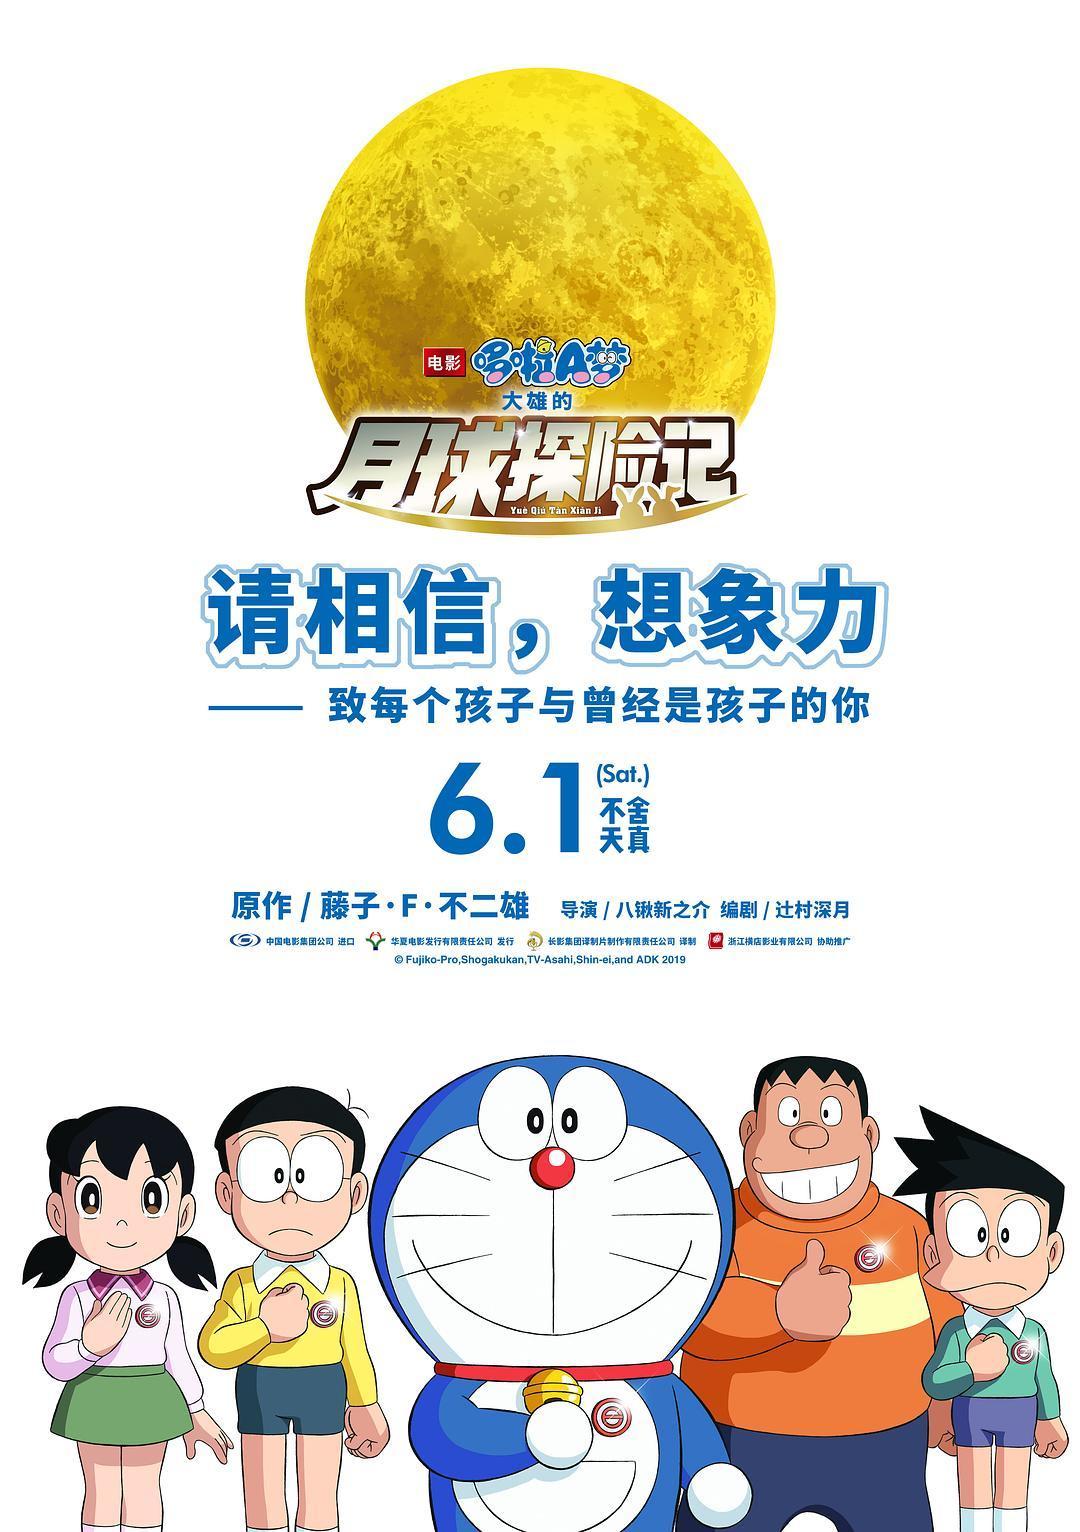 [梦蓝字幕组]Doraemon Movie 2019 哆啦A梦剧场版[M39] 大雄的月球探险记[1080P][AVC][简日